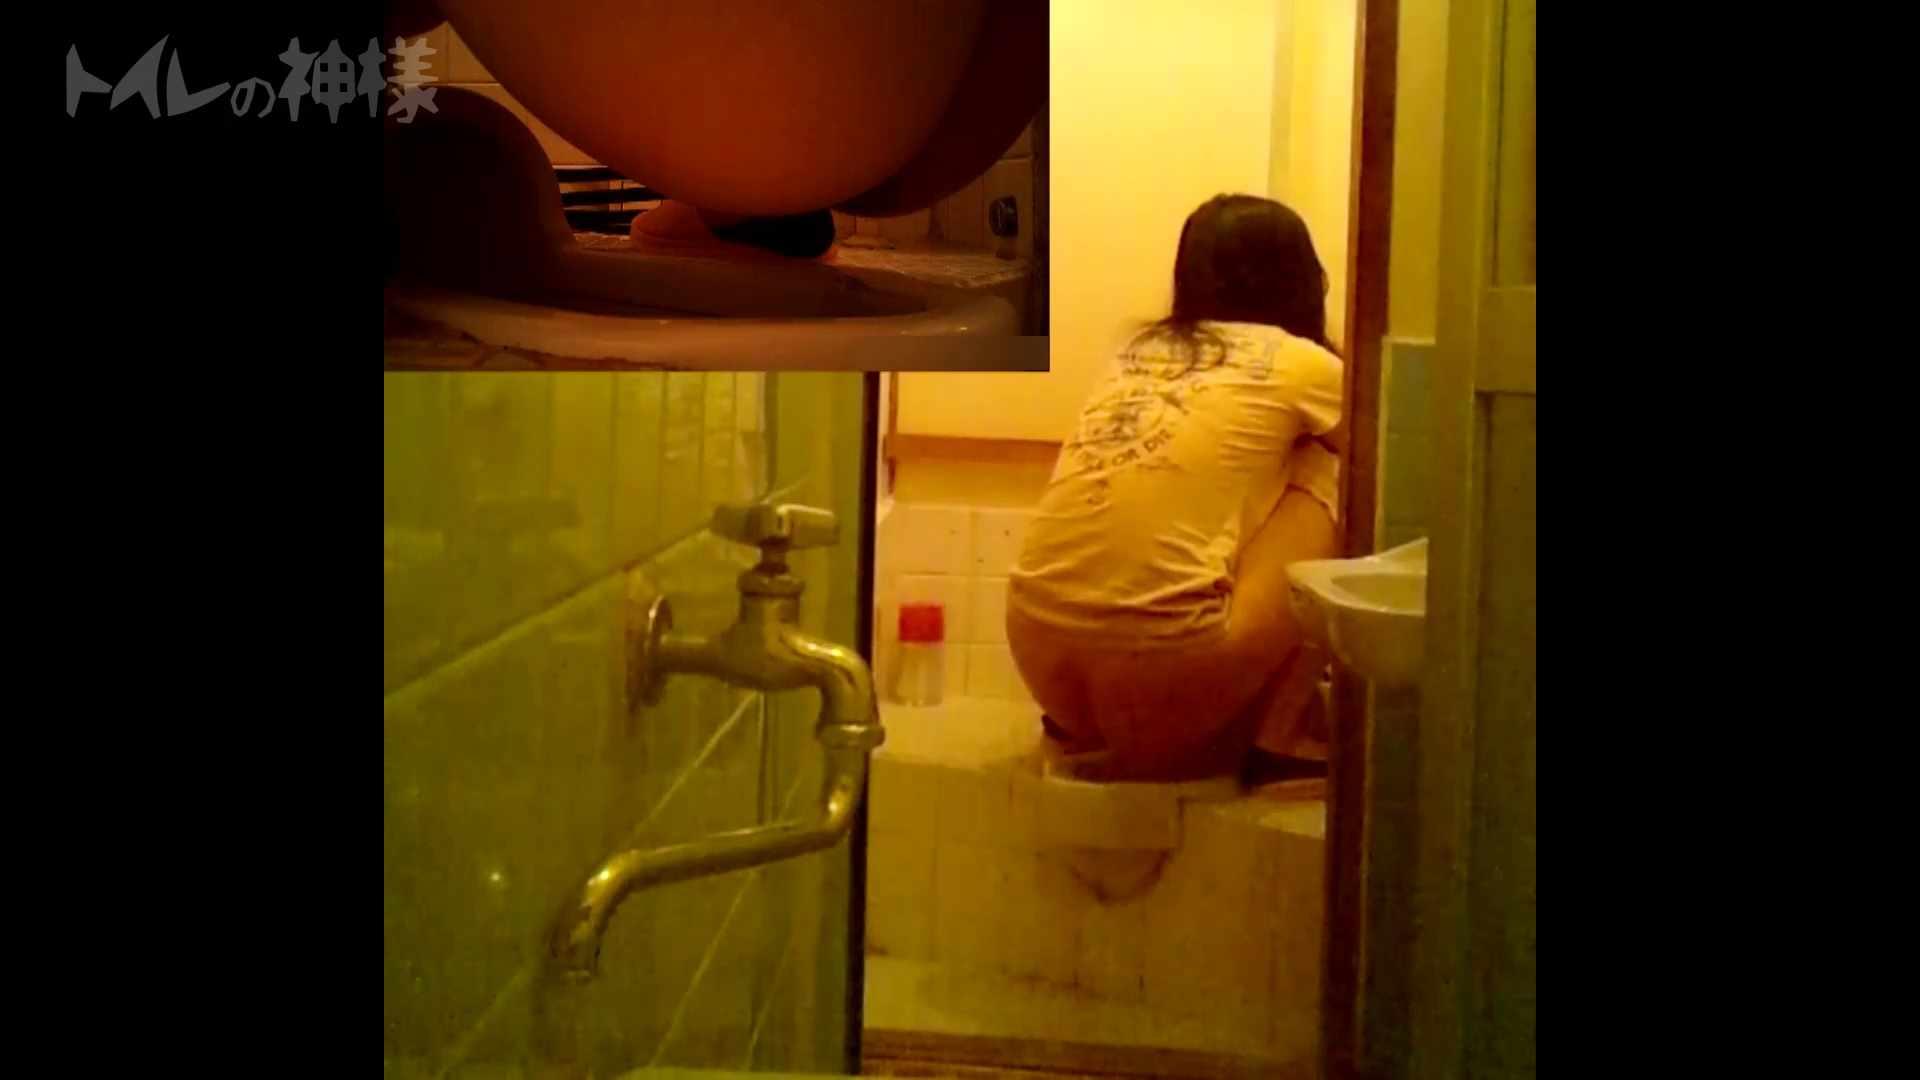 トイレの神様 Vol.08 プリントしたお・し・り トイレ中 | OL  46連発 40